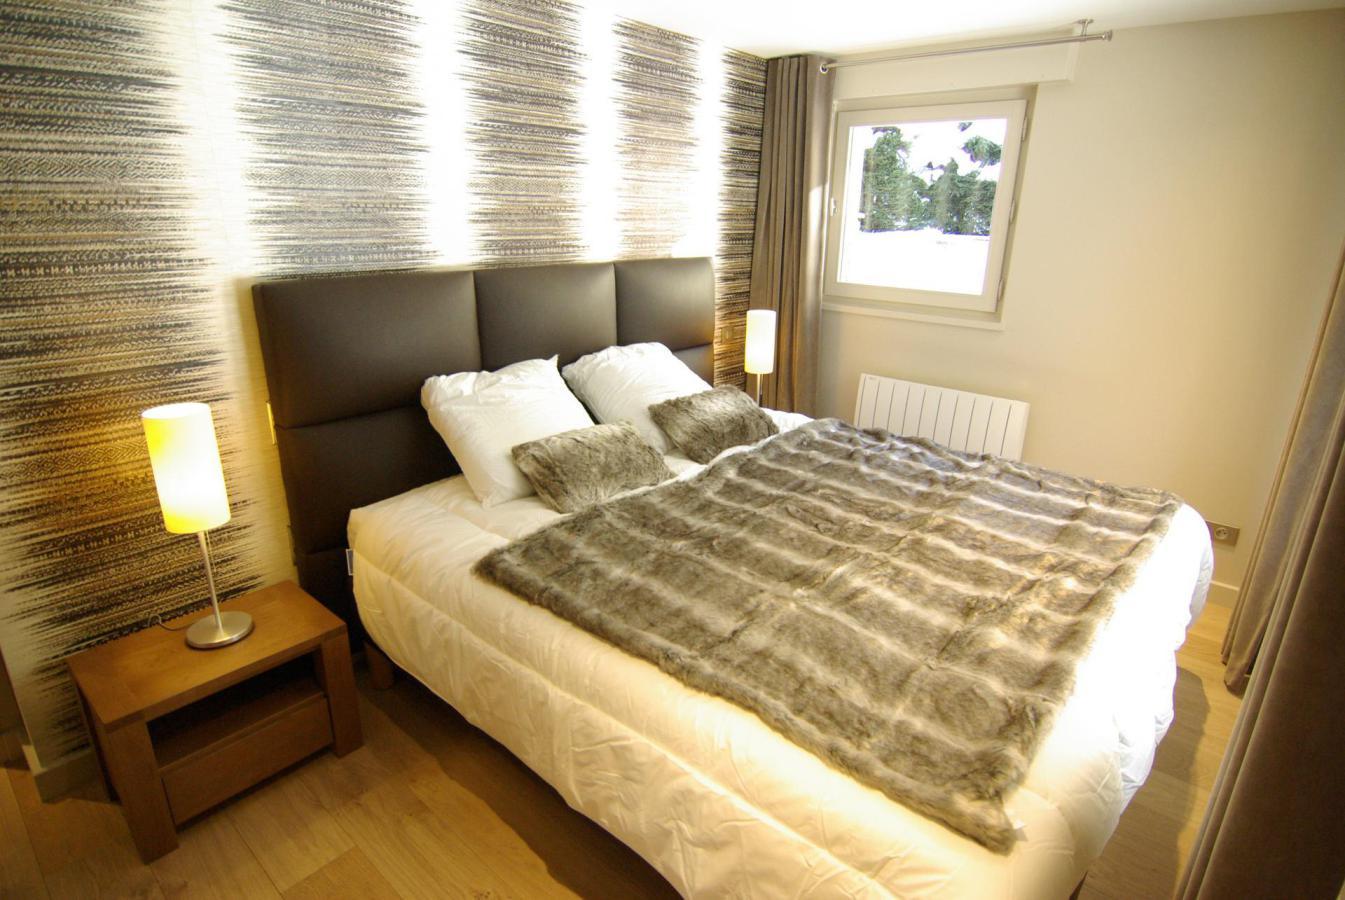 Location au ski Appartement 4 pièces 8 personnes - Residence Espace Montagne - Chamonix - Cuisine